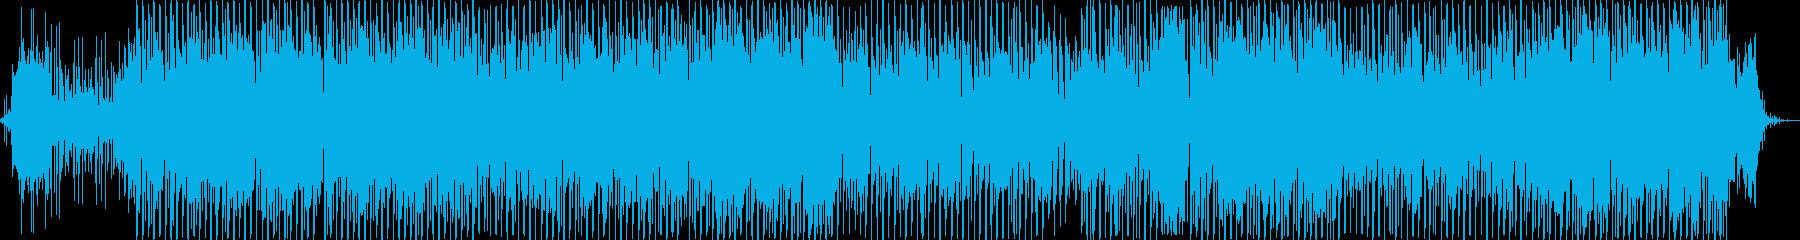 ディキシーランド ラグタイム 壮大...の再生済みの波形